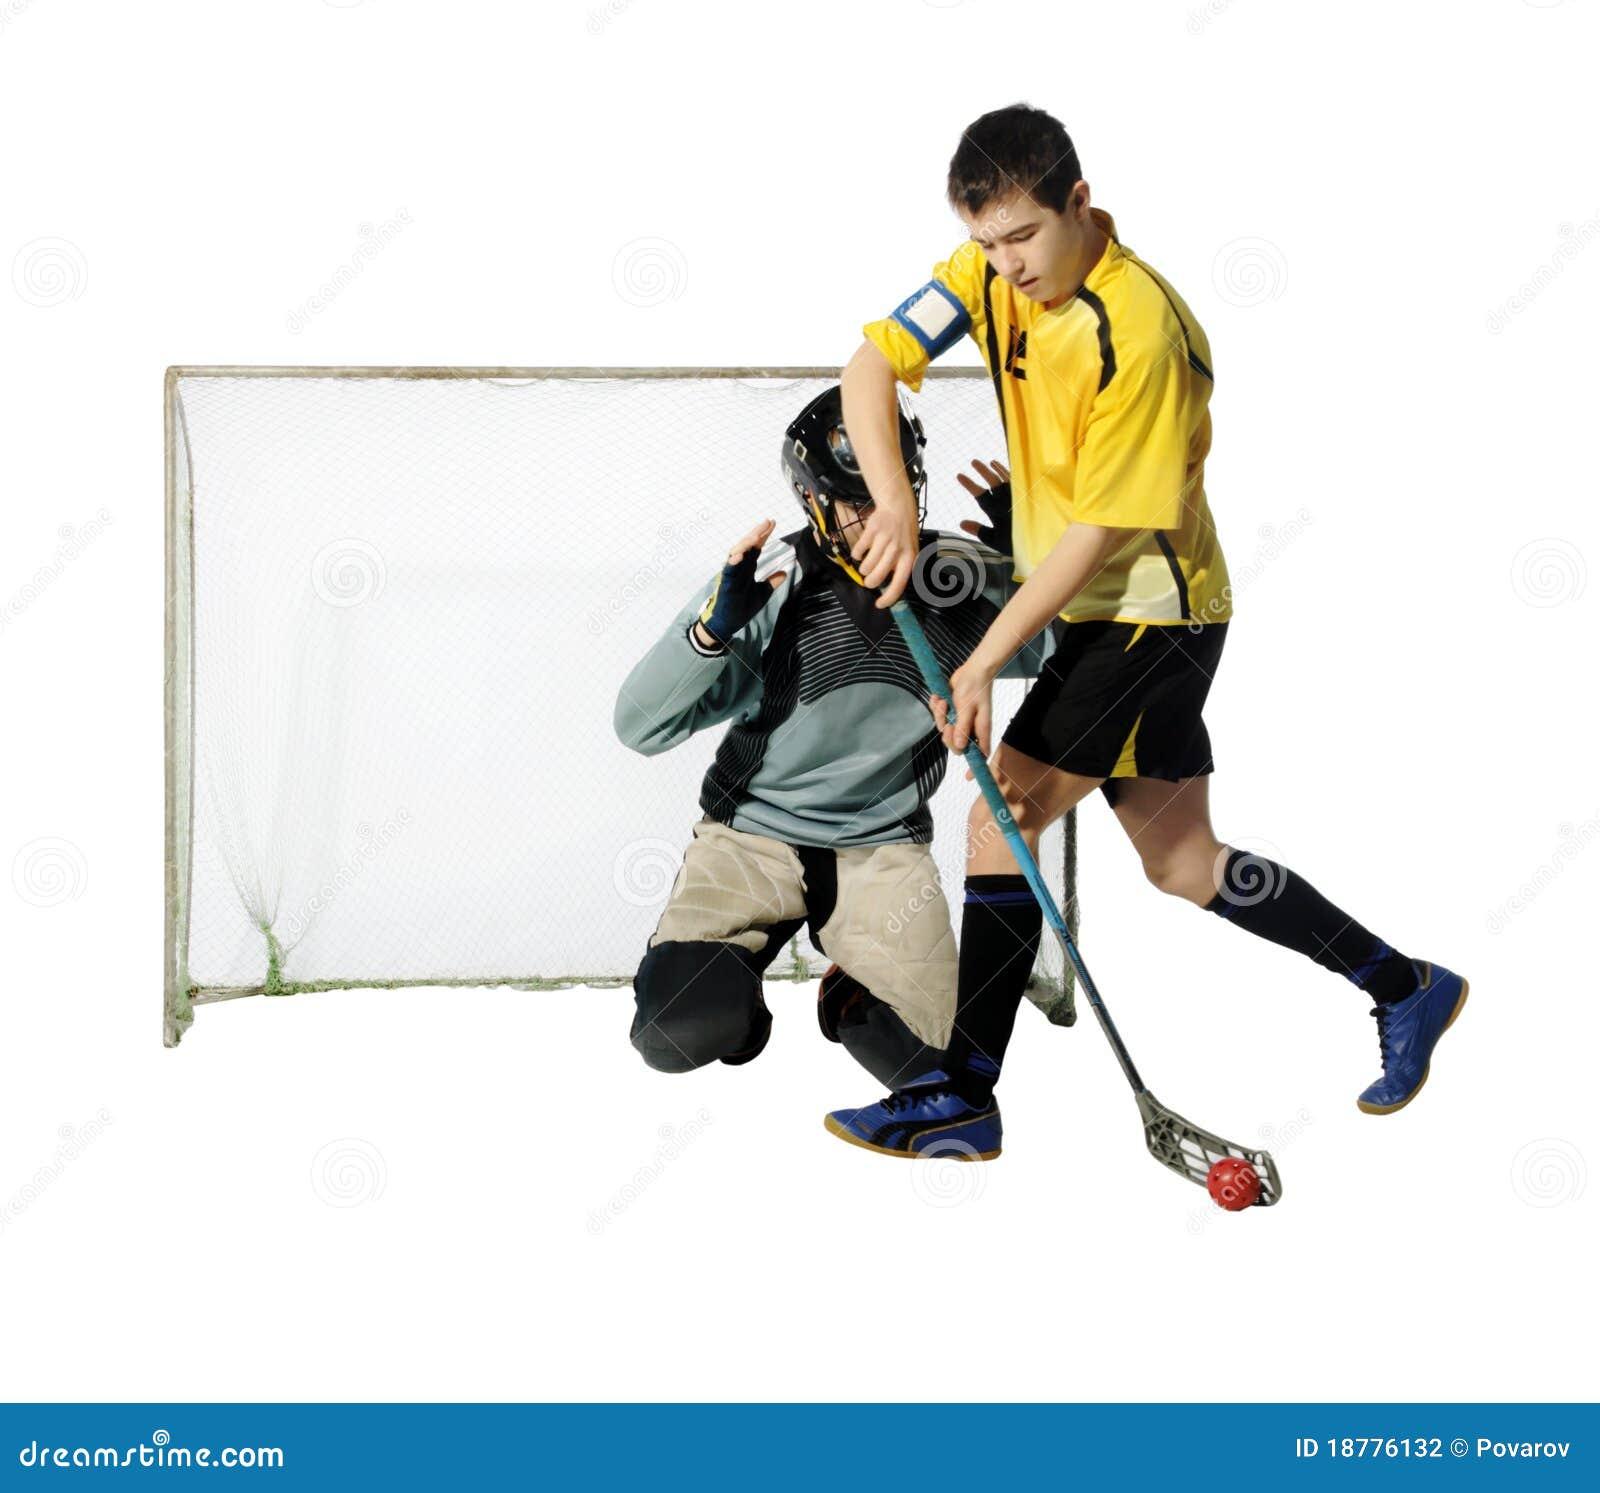 intersport unihoc player